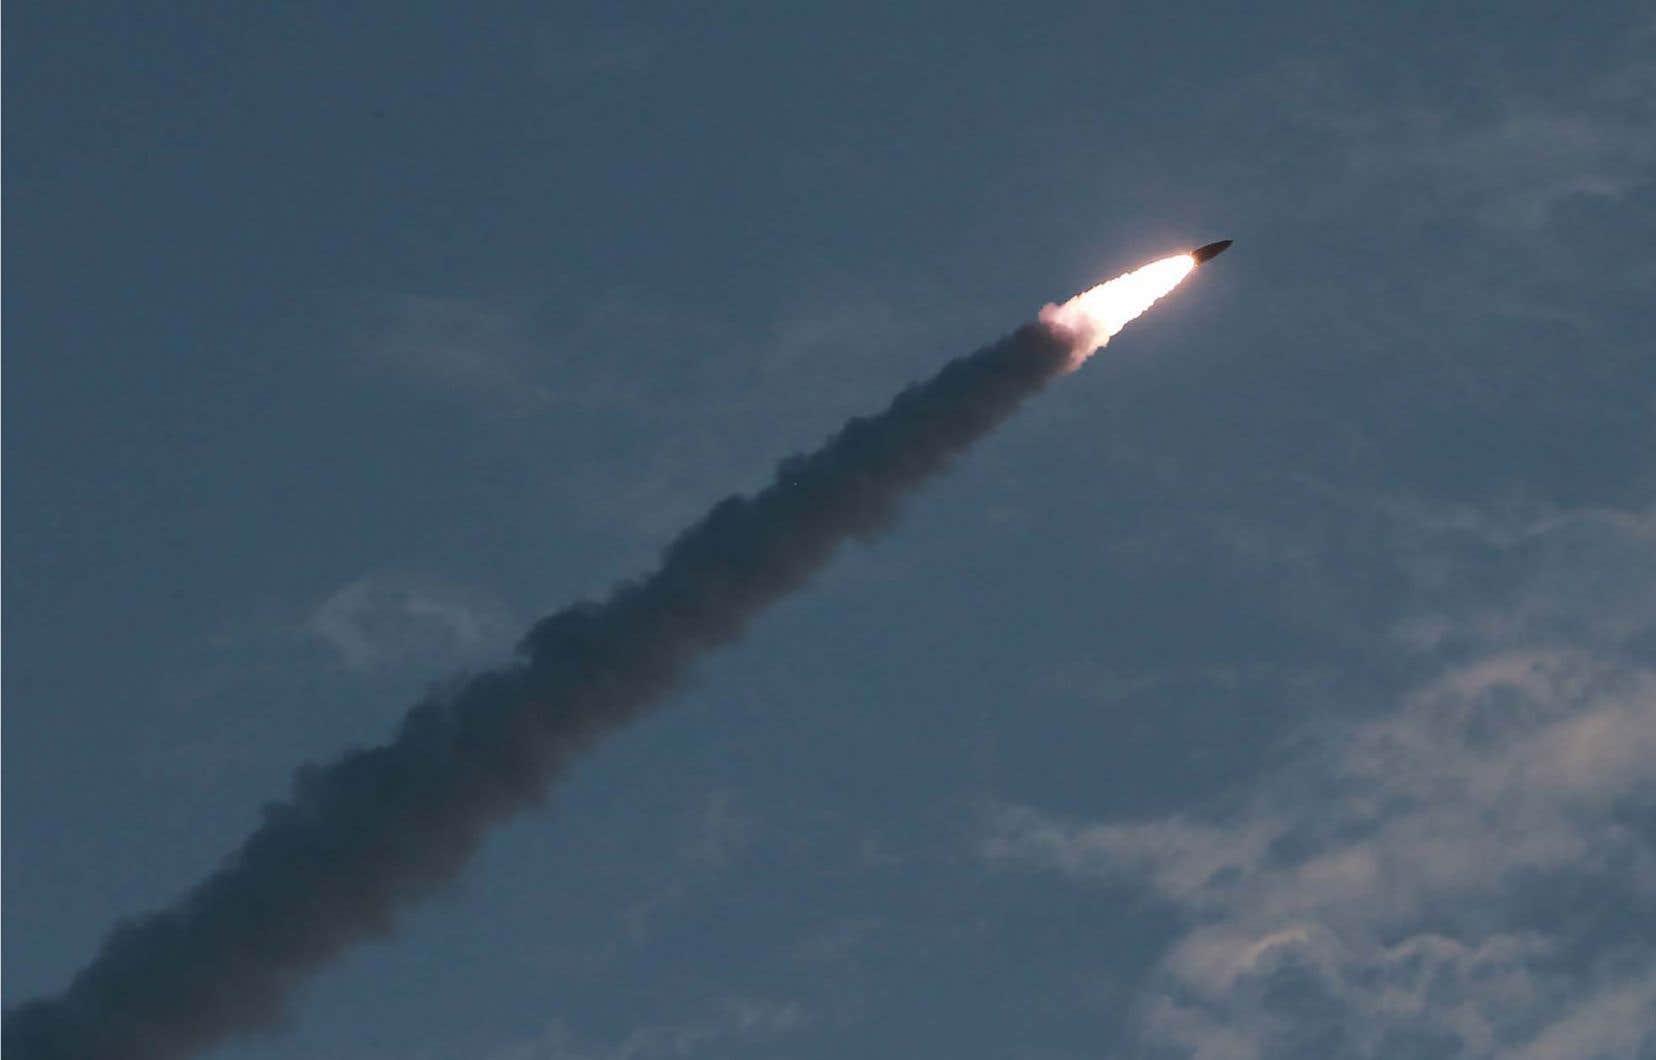 Les deux projectiles tirés mercredi par la Corée du Nord dans la mer du Japon étaient des missiles balistiques, selonl'armée sud-coréenne. Sur la photo, un missile de «courte portée» lancé par la Corée du Nord, le 25 juillet dernier.